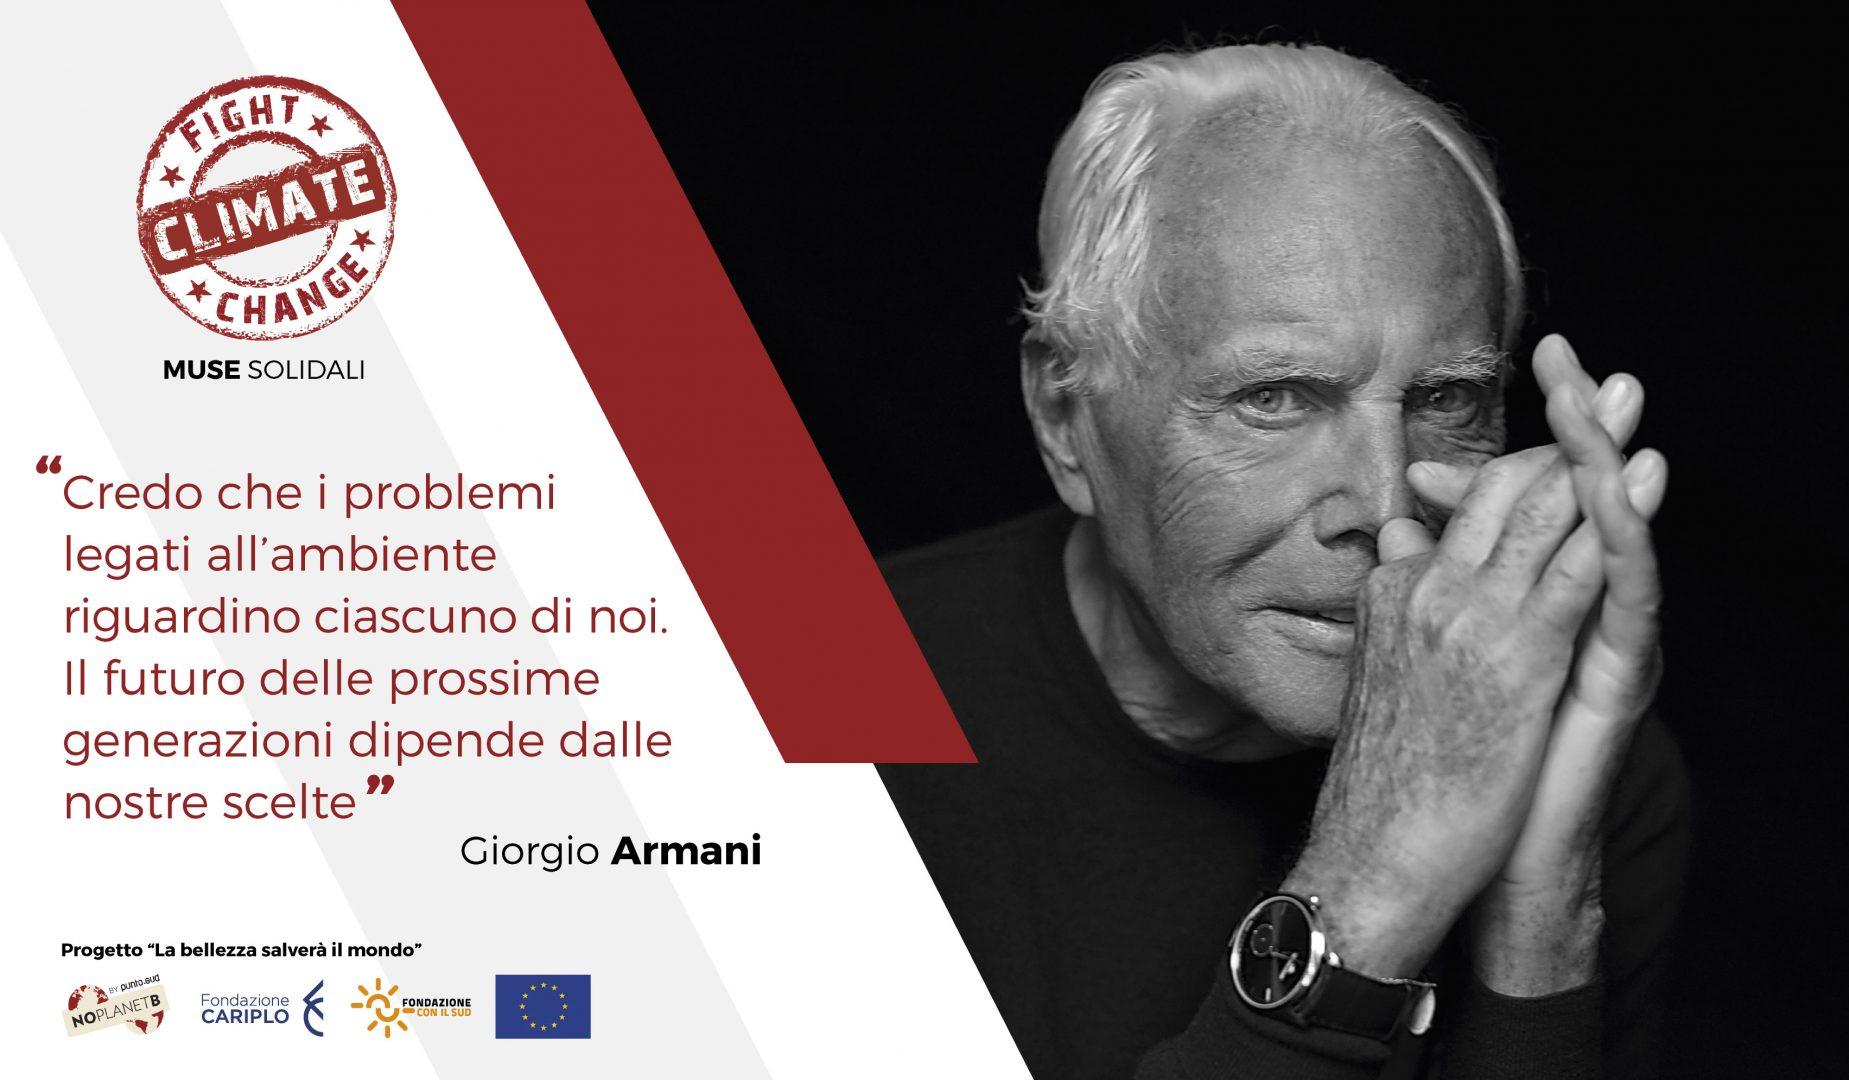 Giorgio-Armani-pannello-120x70